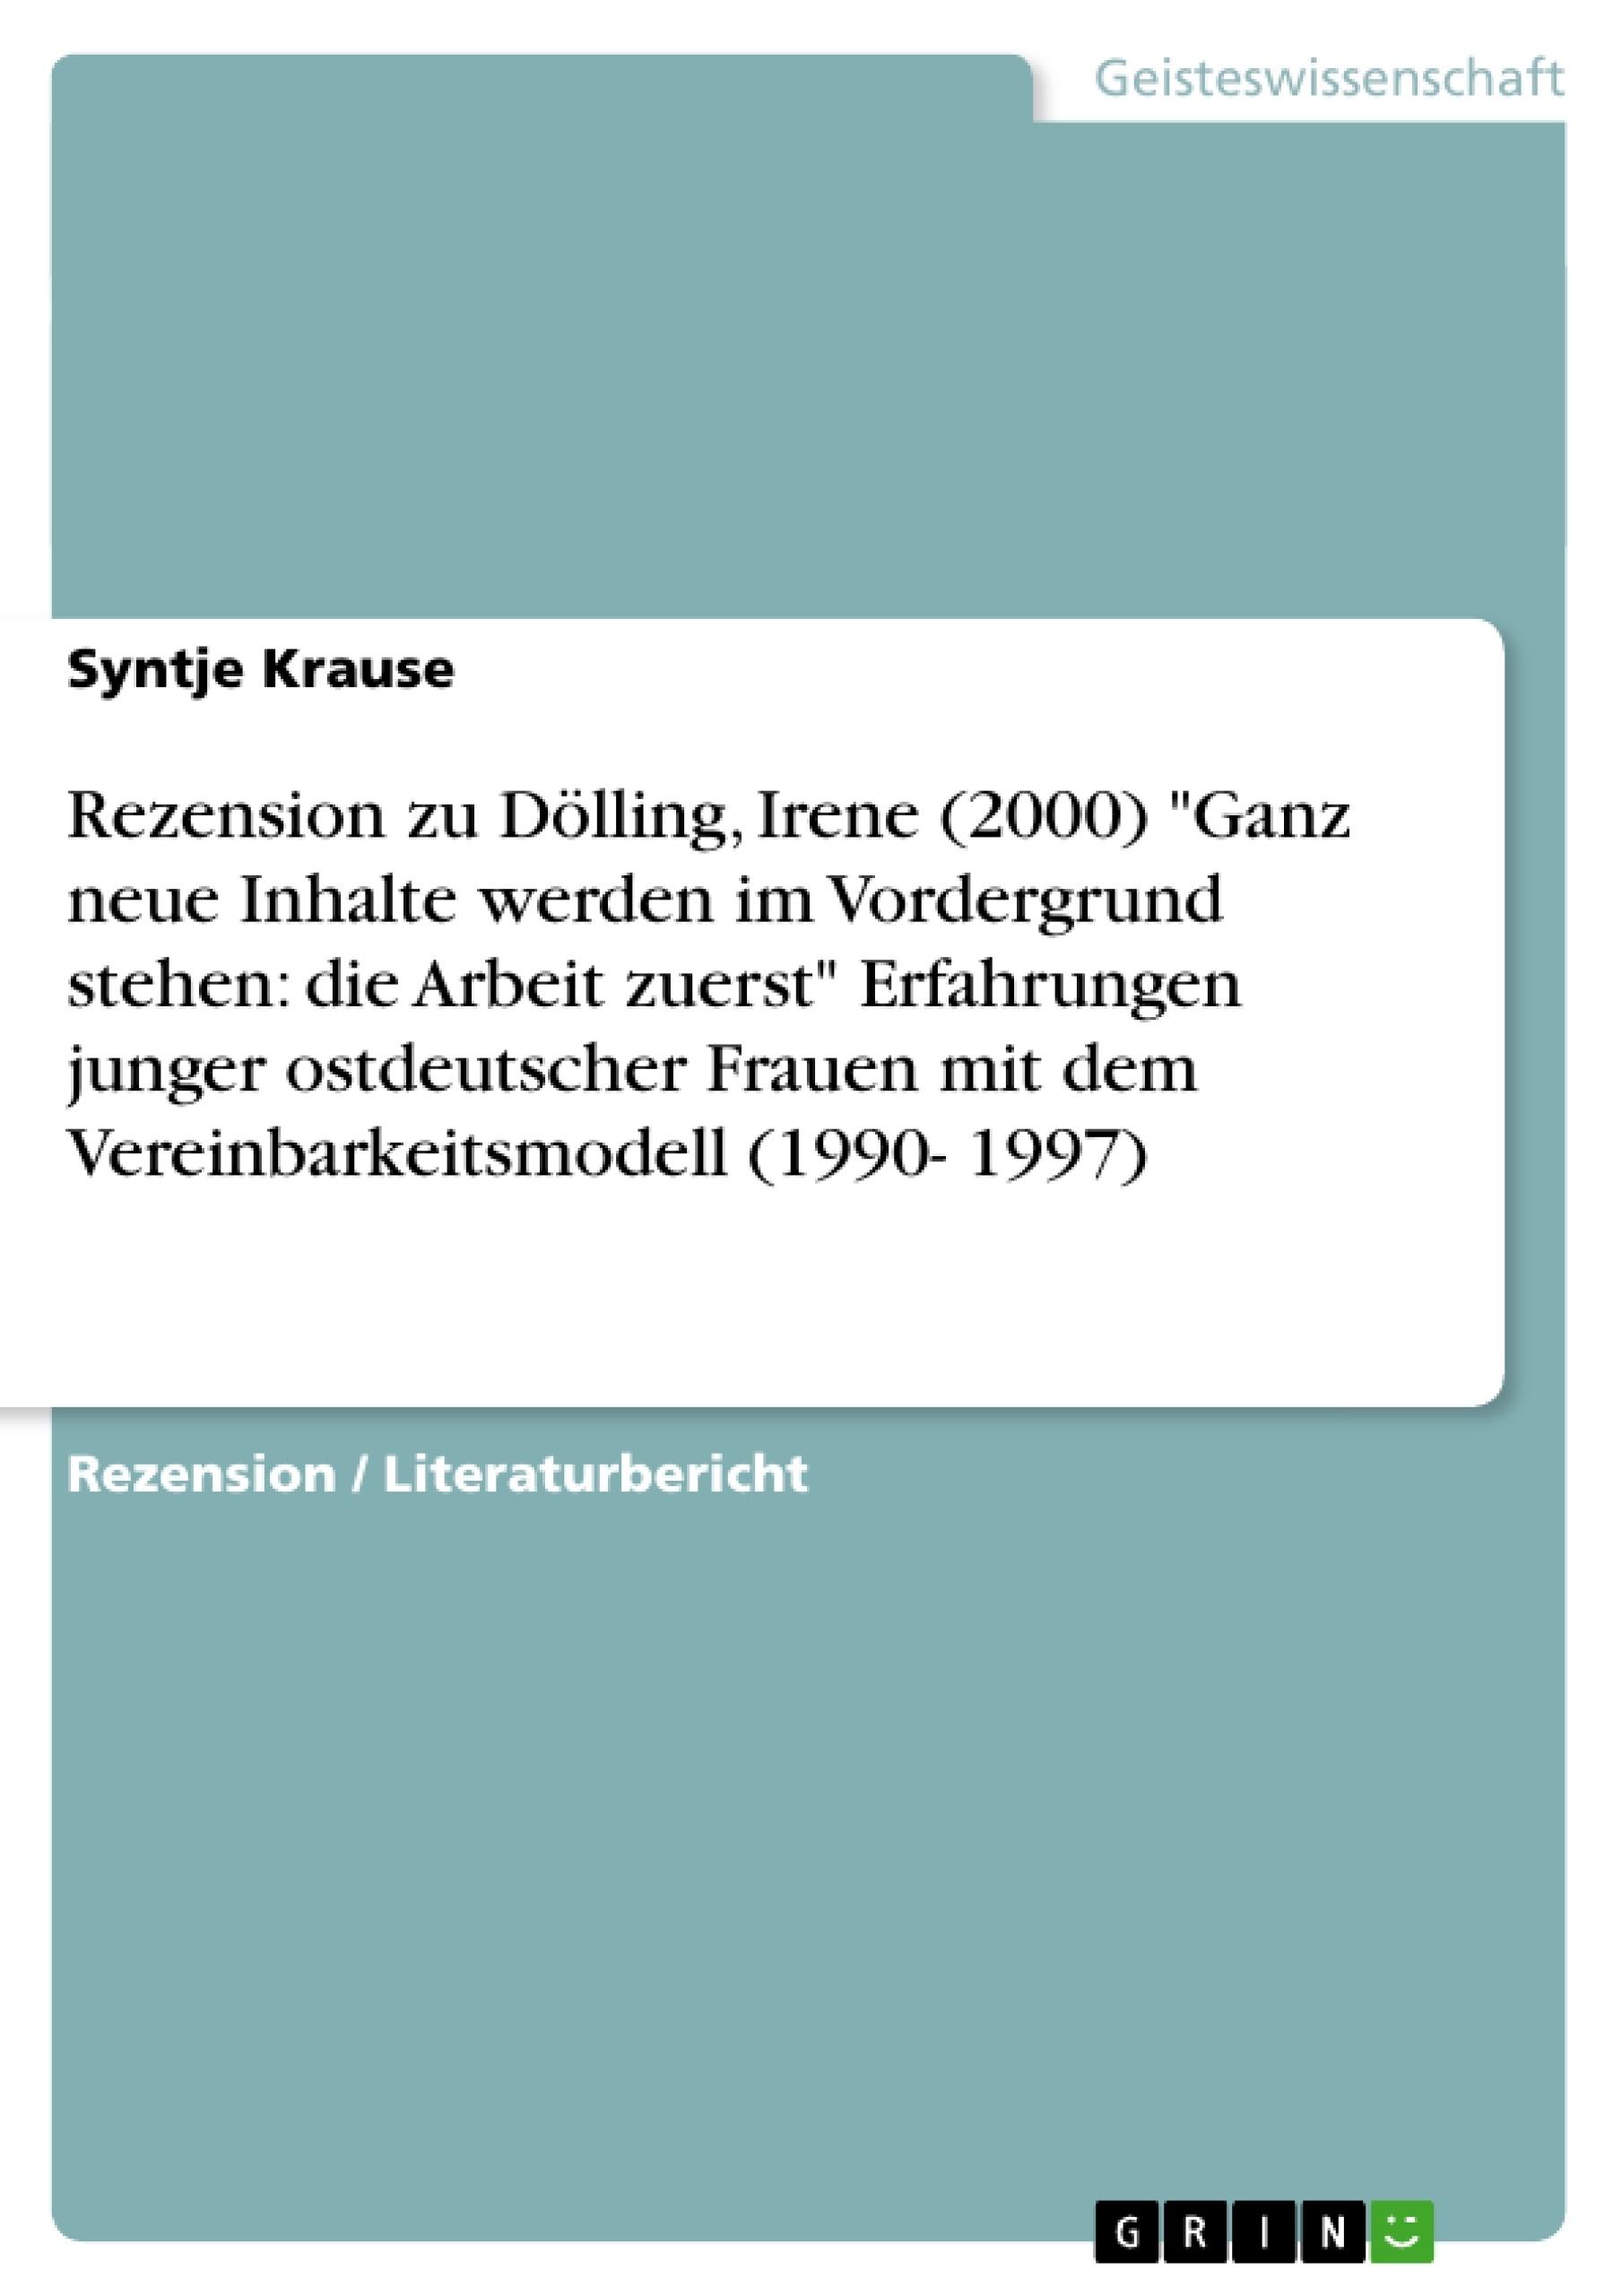 """Titel: Rezension zu Dölling, Irene (2000) """"Ganz neue Inhalte werden im Vordergrund stehen: die Arbeit zuerst"""" Erfahrungen junger ostdeutscher Frauen mit dem Vereinbarkeitsmodell (1990- 1997)"""